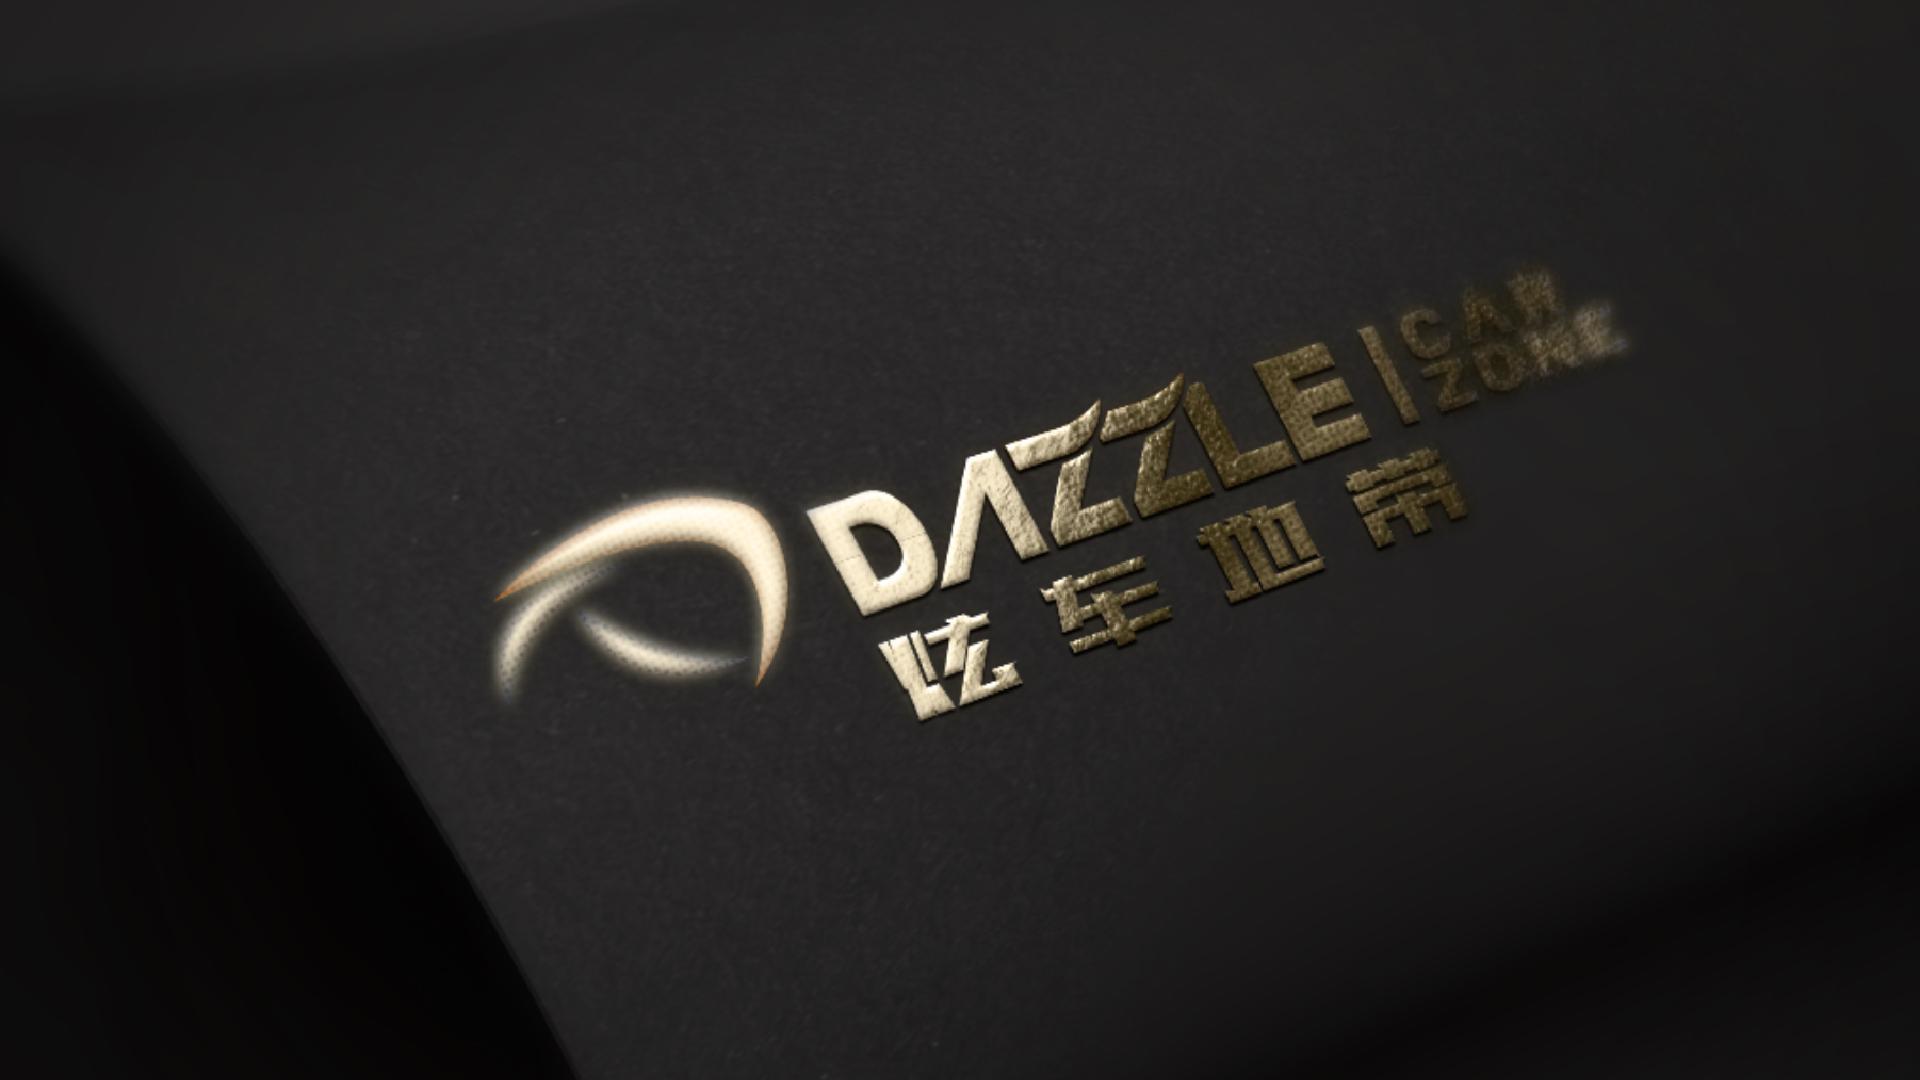 炫车地带logo案例整理-08.jpg